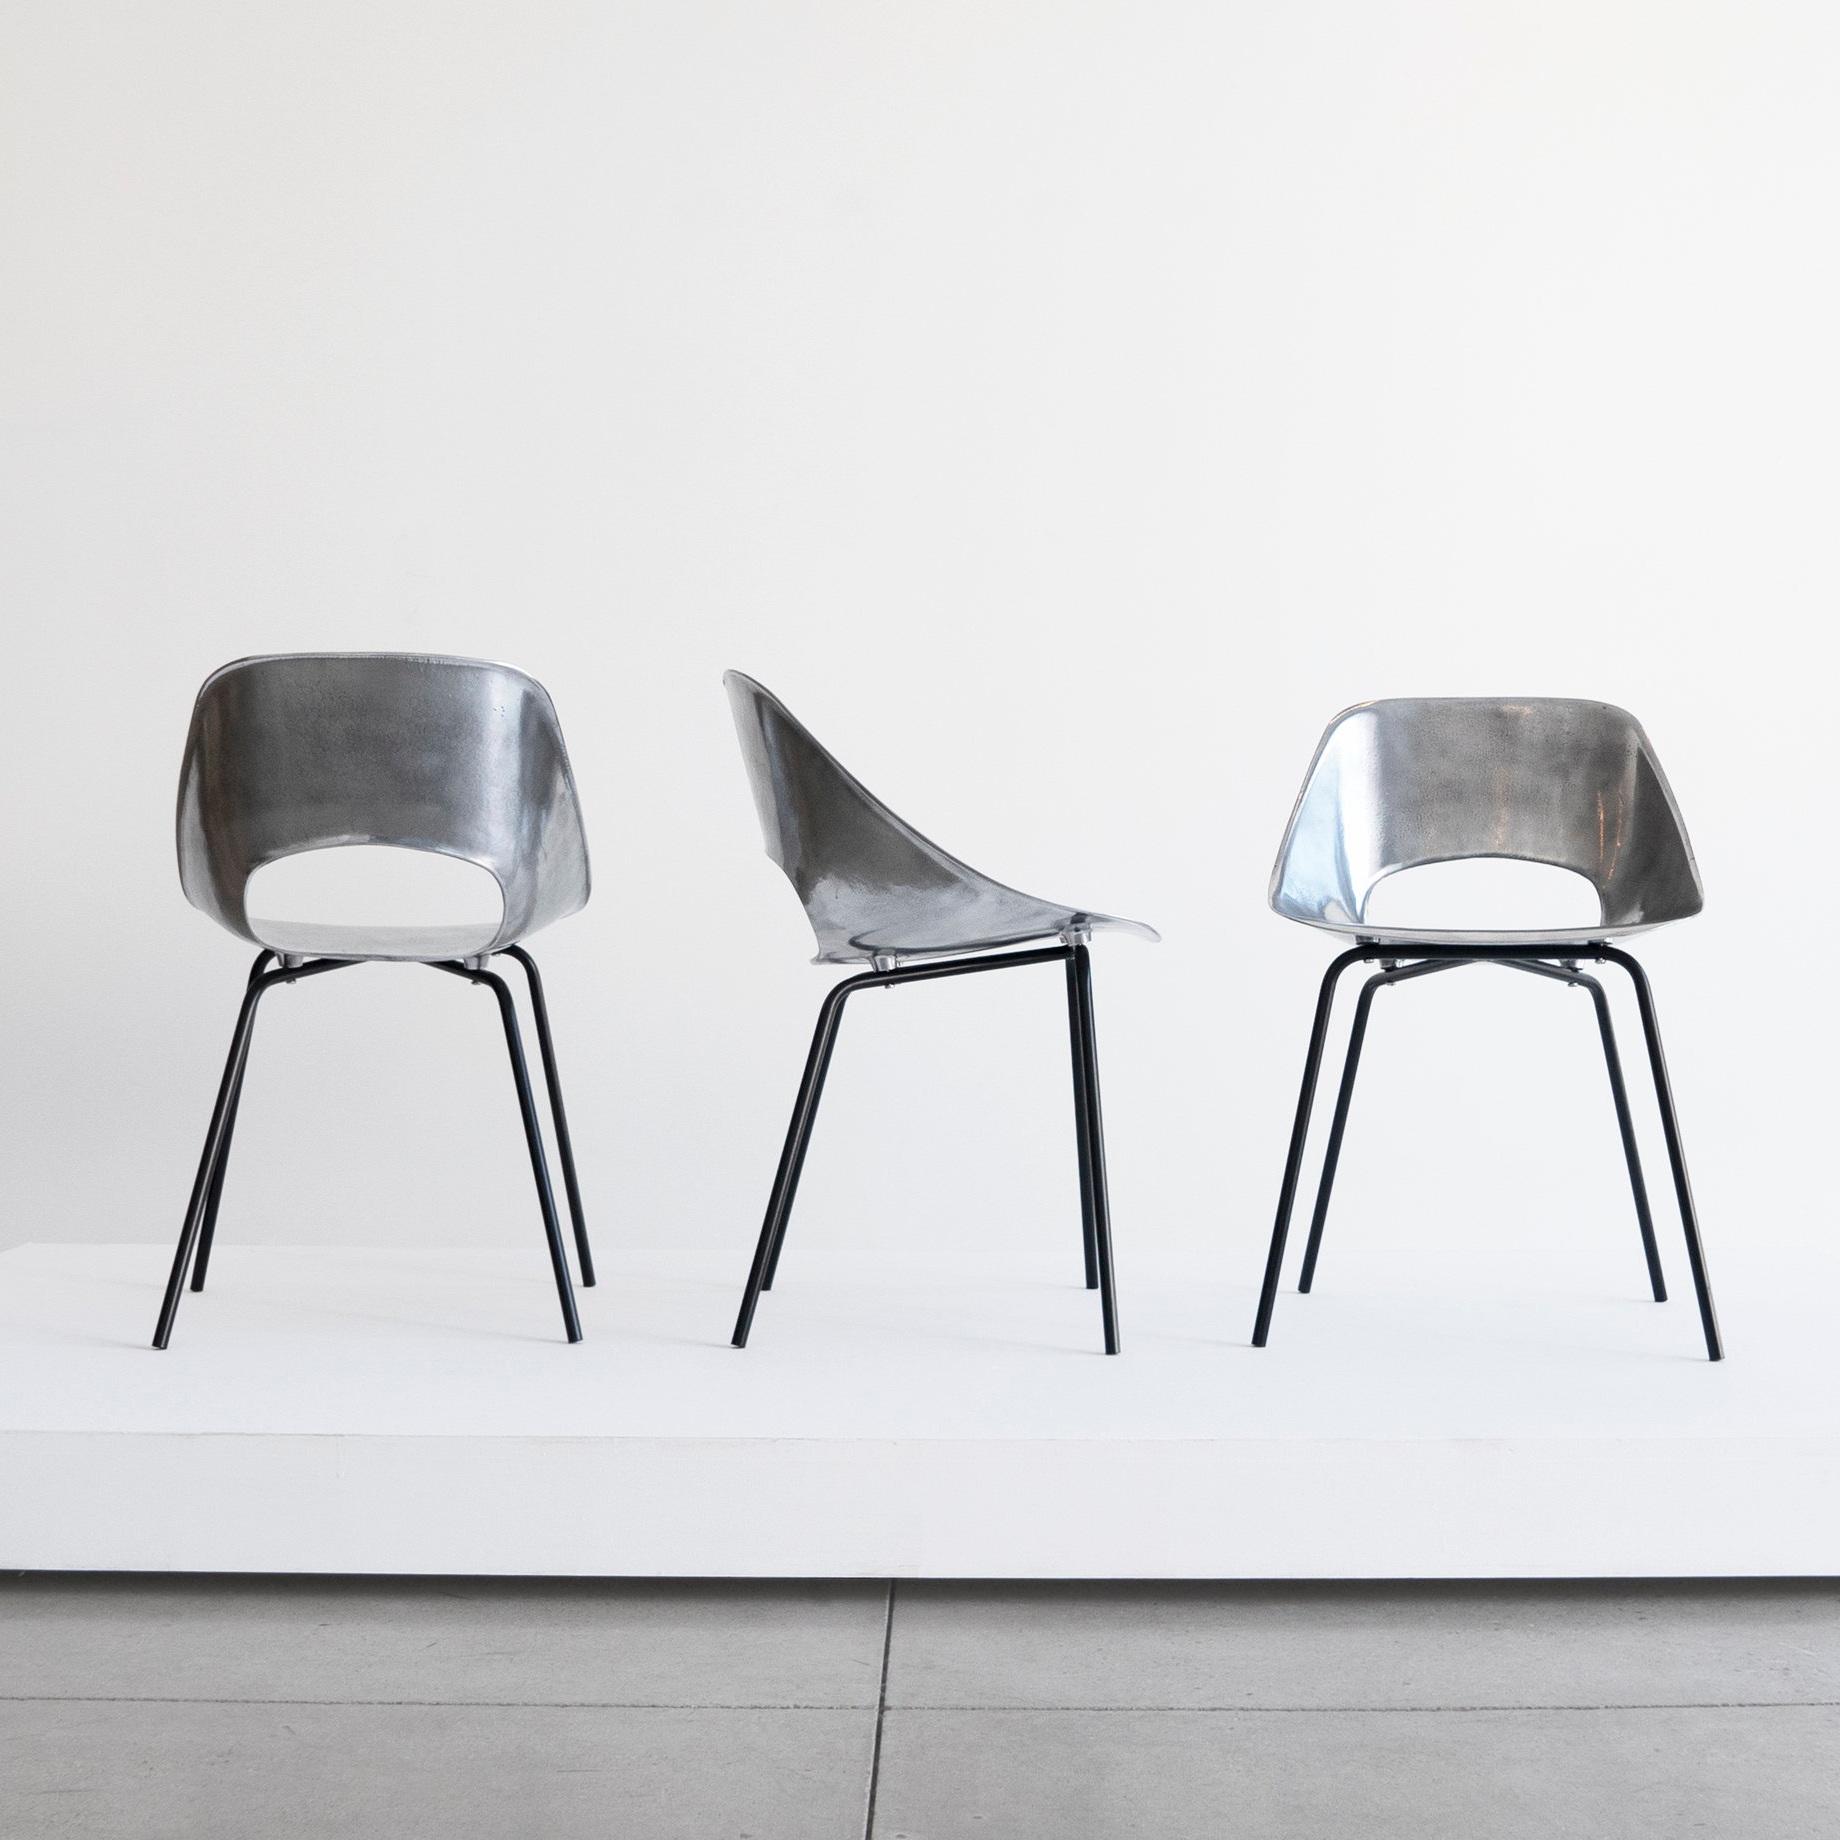 pierre guariche set of three 'tonneau' cast aluminum chairs $12,000